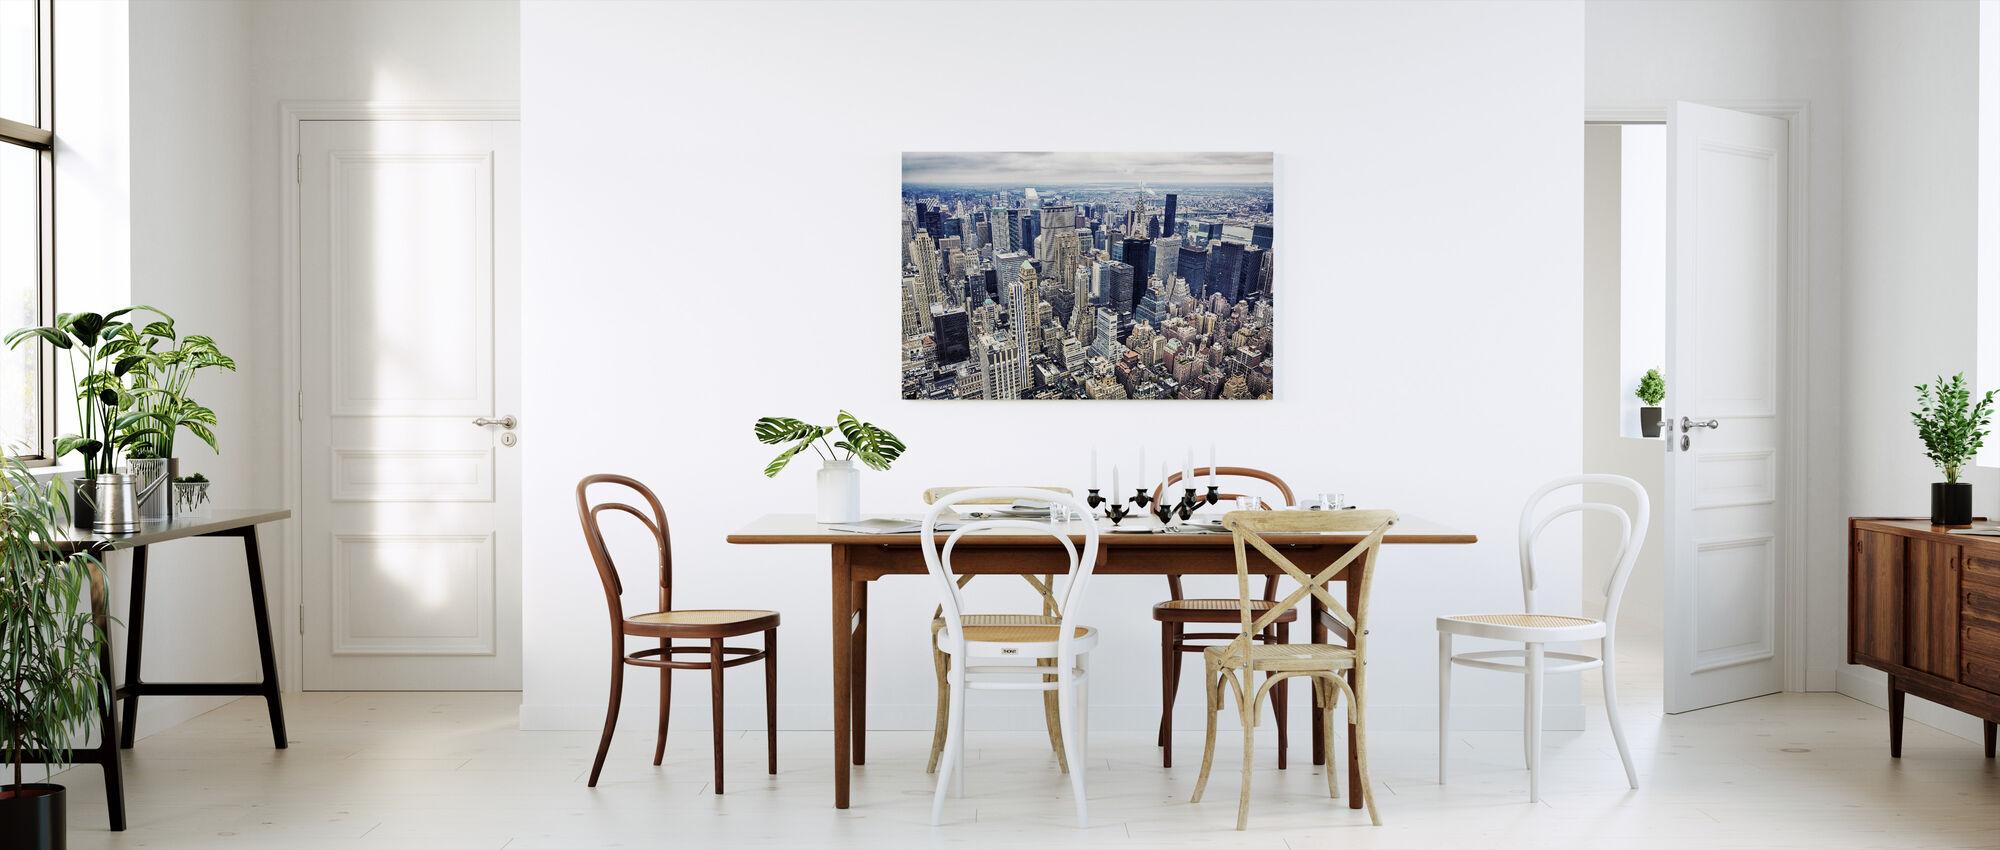 Ilmakuva Manhattanista - Canvastaulu - Keittiö